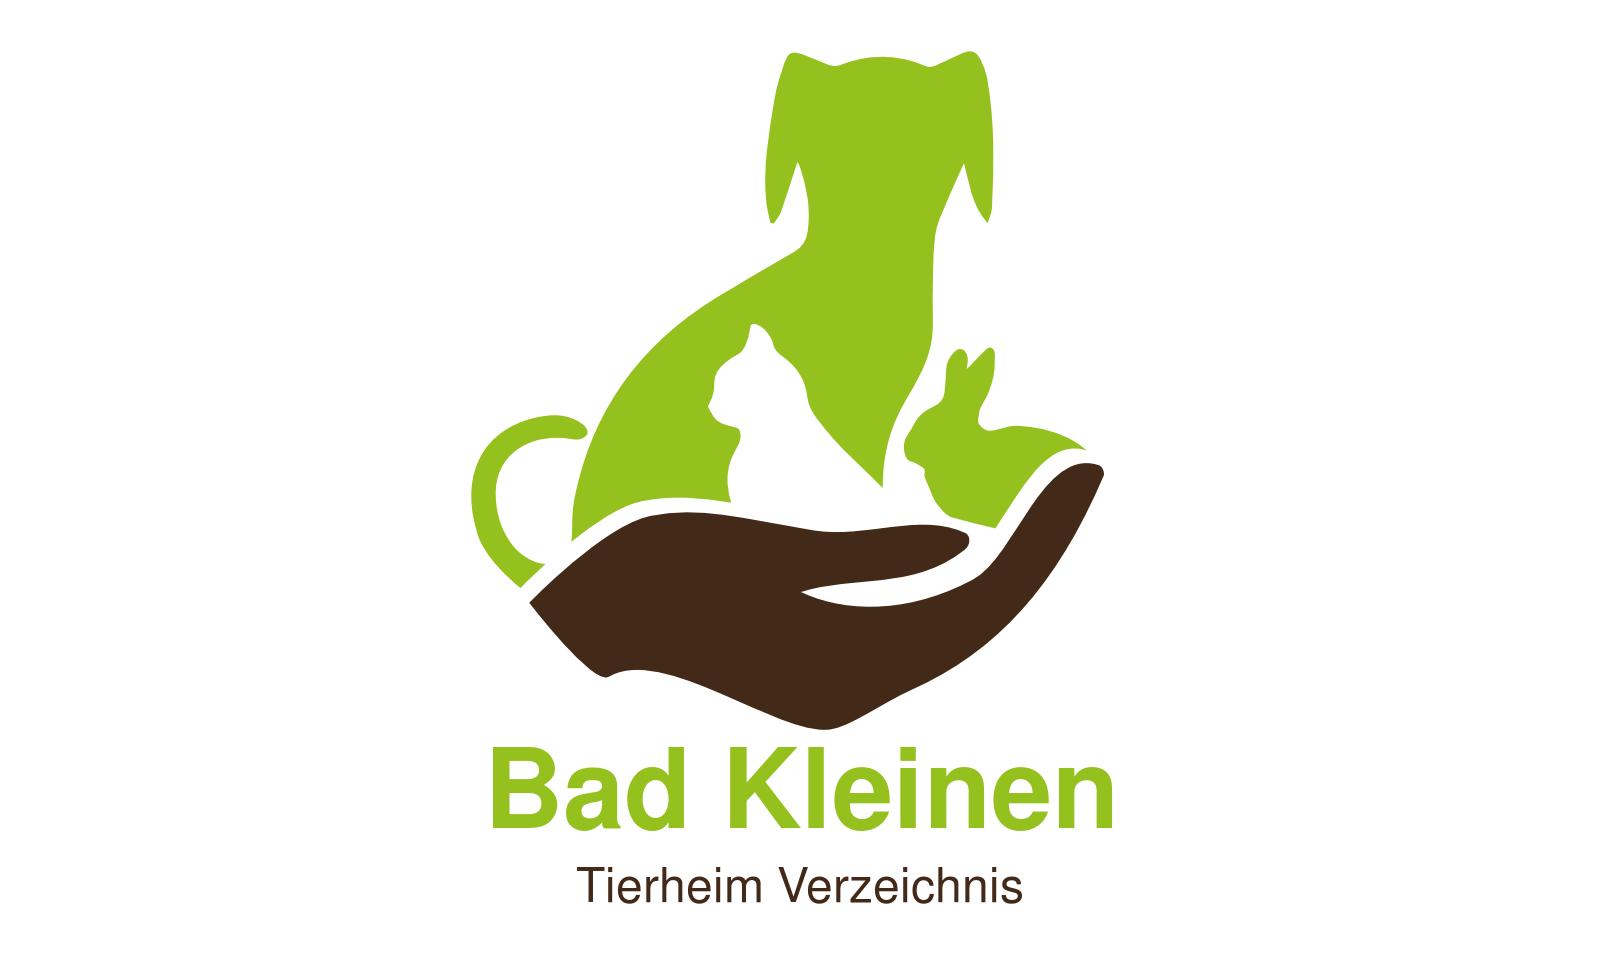 Tierheim Bad Kleinen